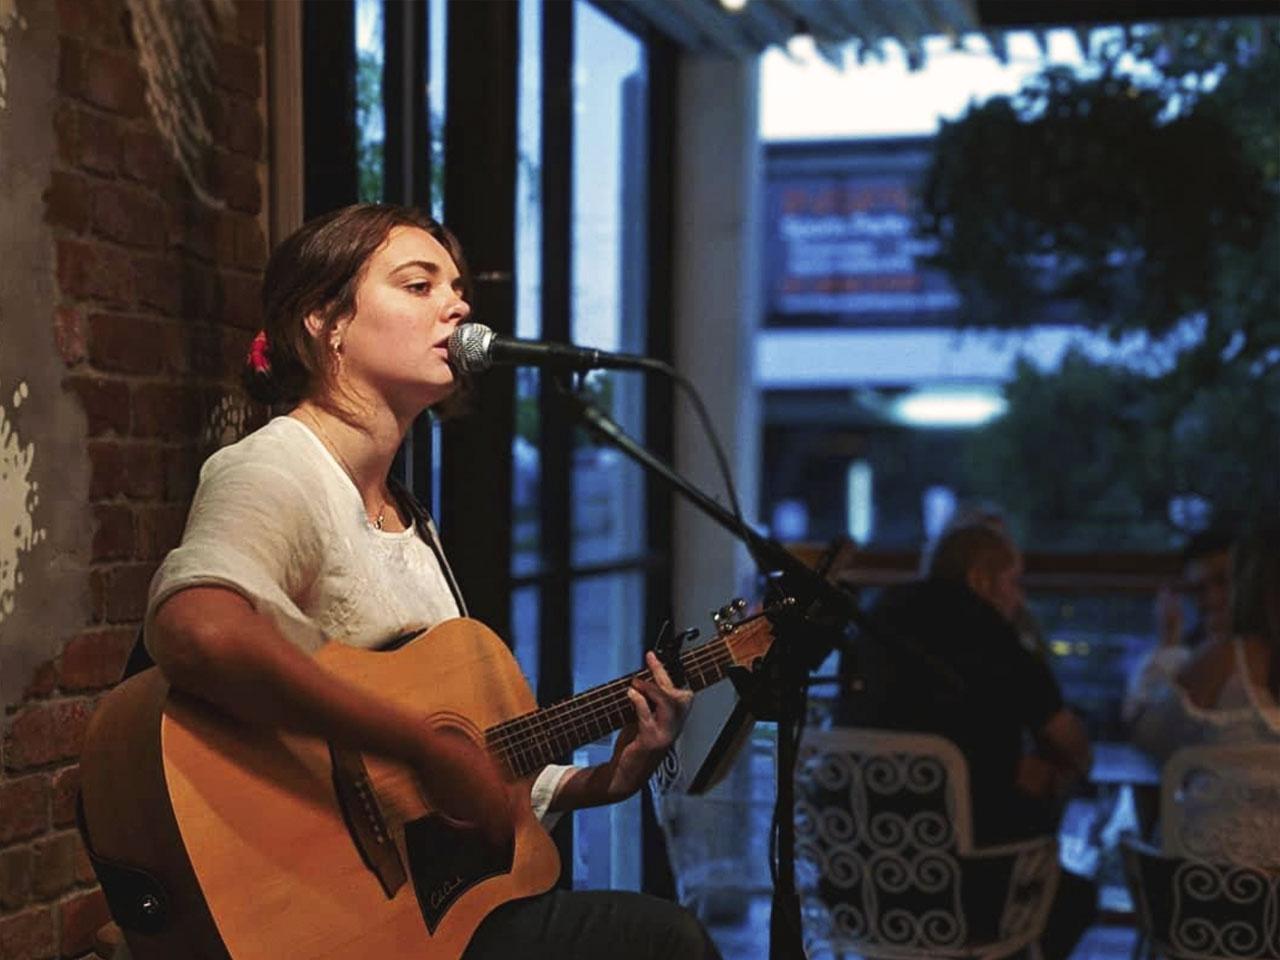 Lady singer playing guitar